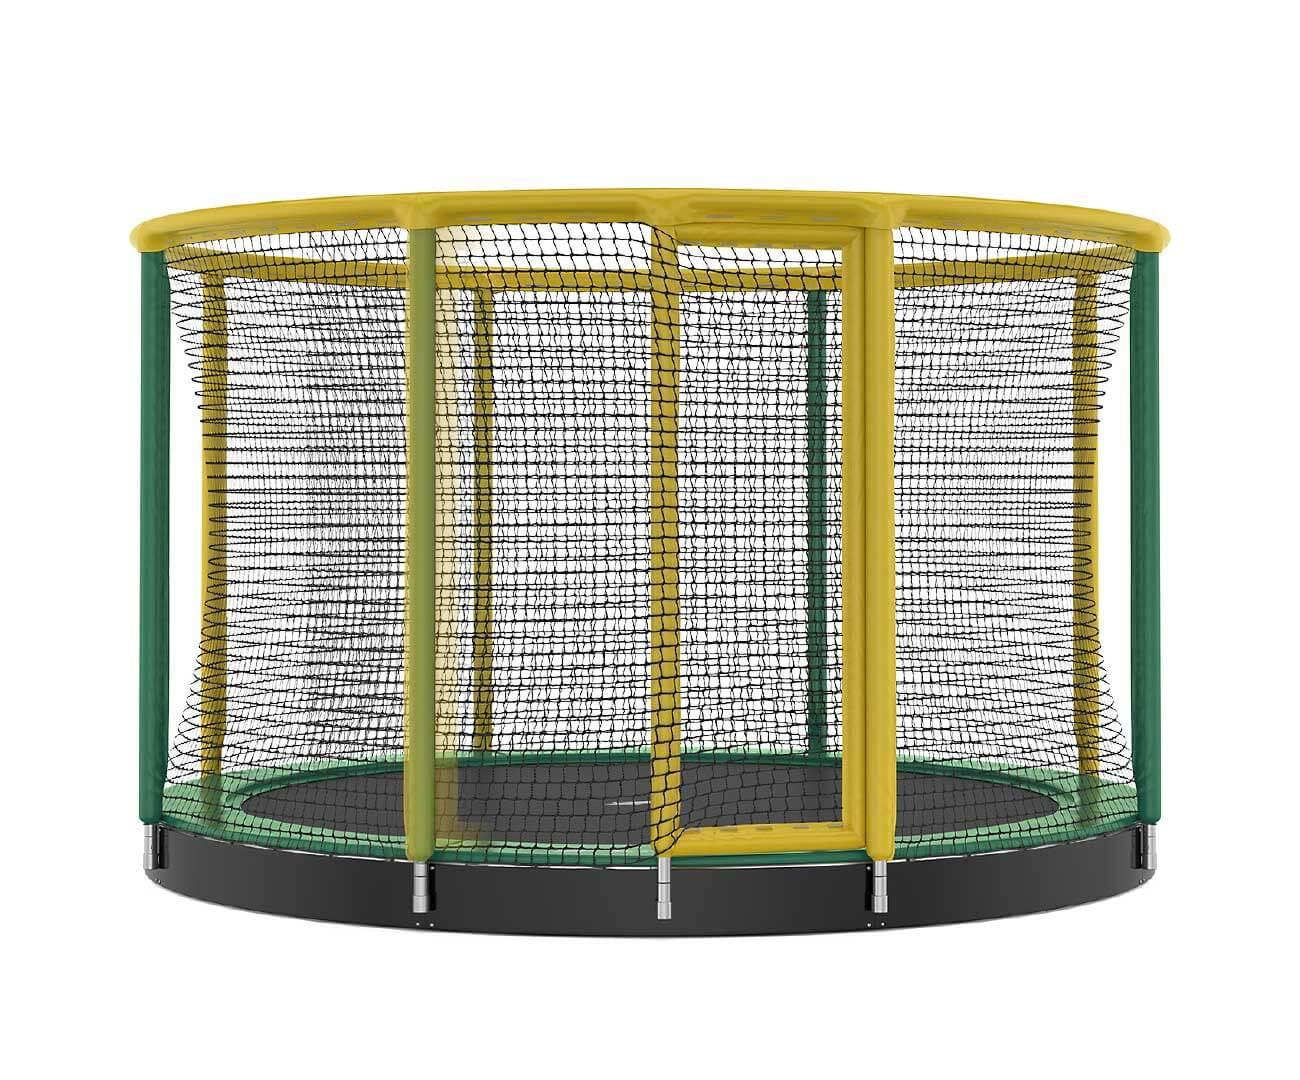 Akrobat Gallus Inground 14 Green-yellow enclosure / Green safety pad /Black jumping mat